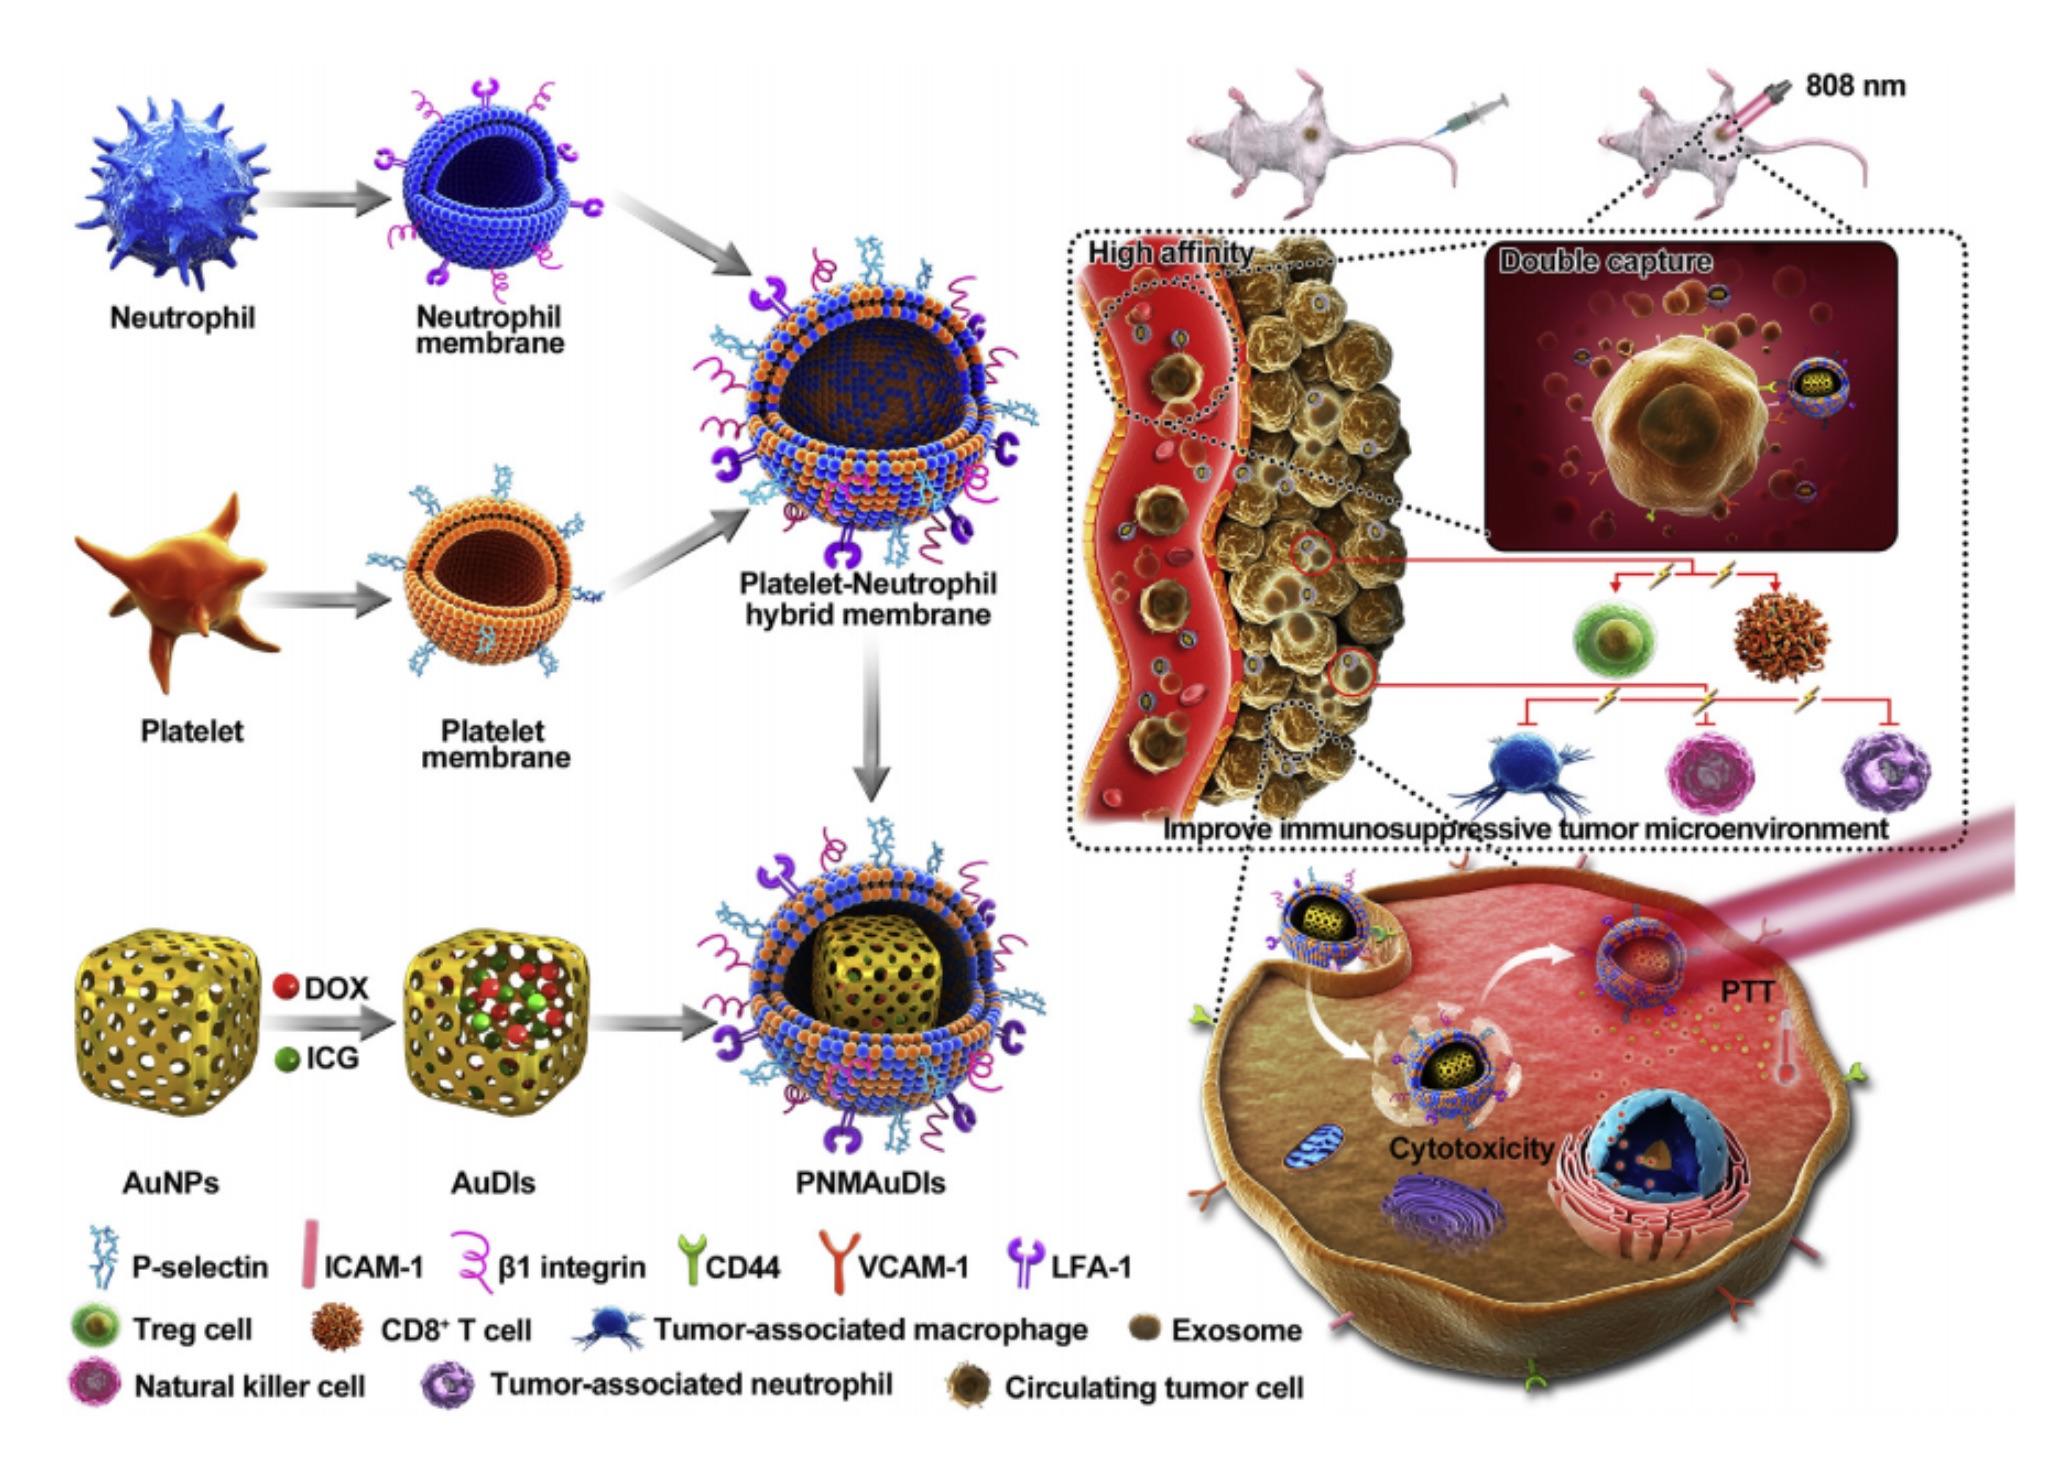 沈阳药科大学:仿生纳米海绵消除肿瘤来源的外泌体并抑制乳腺癌转移